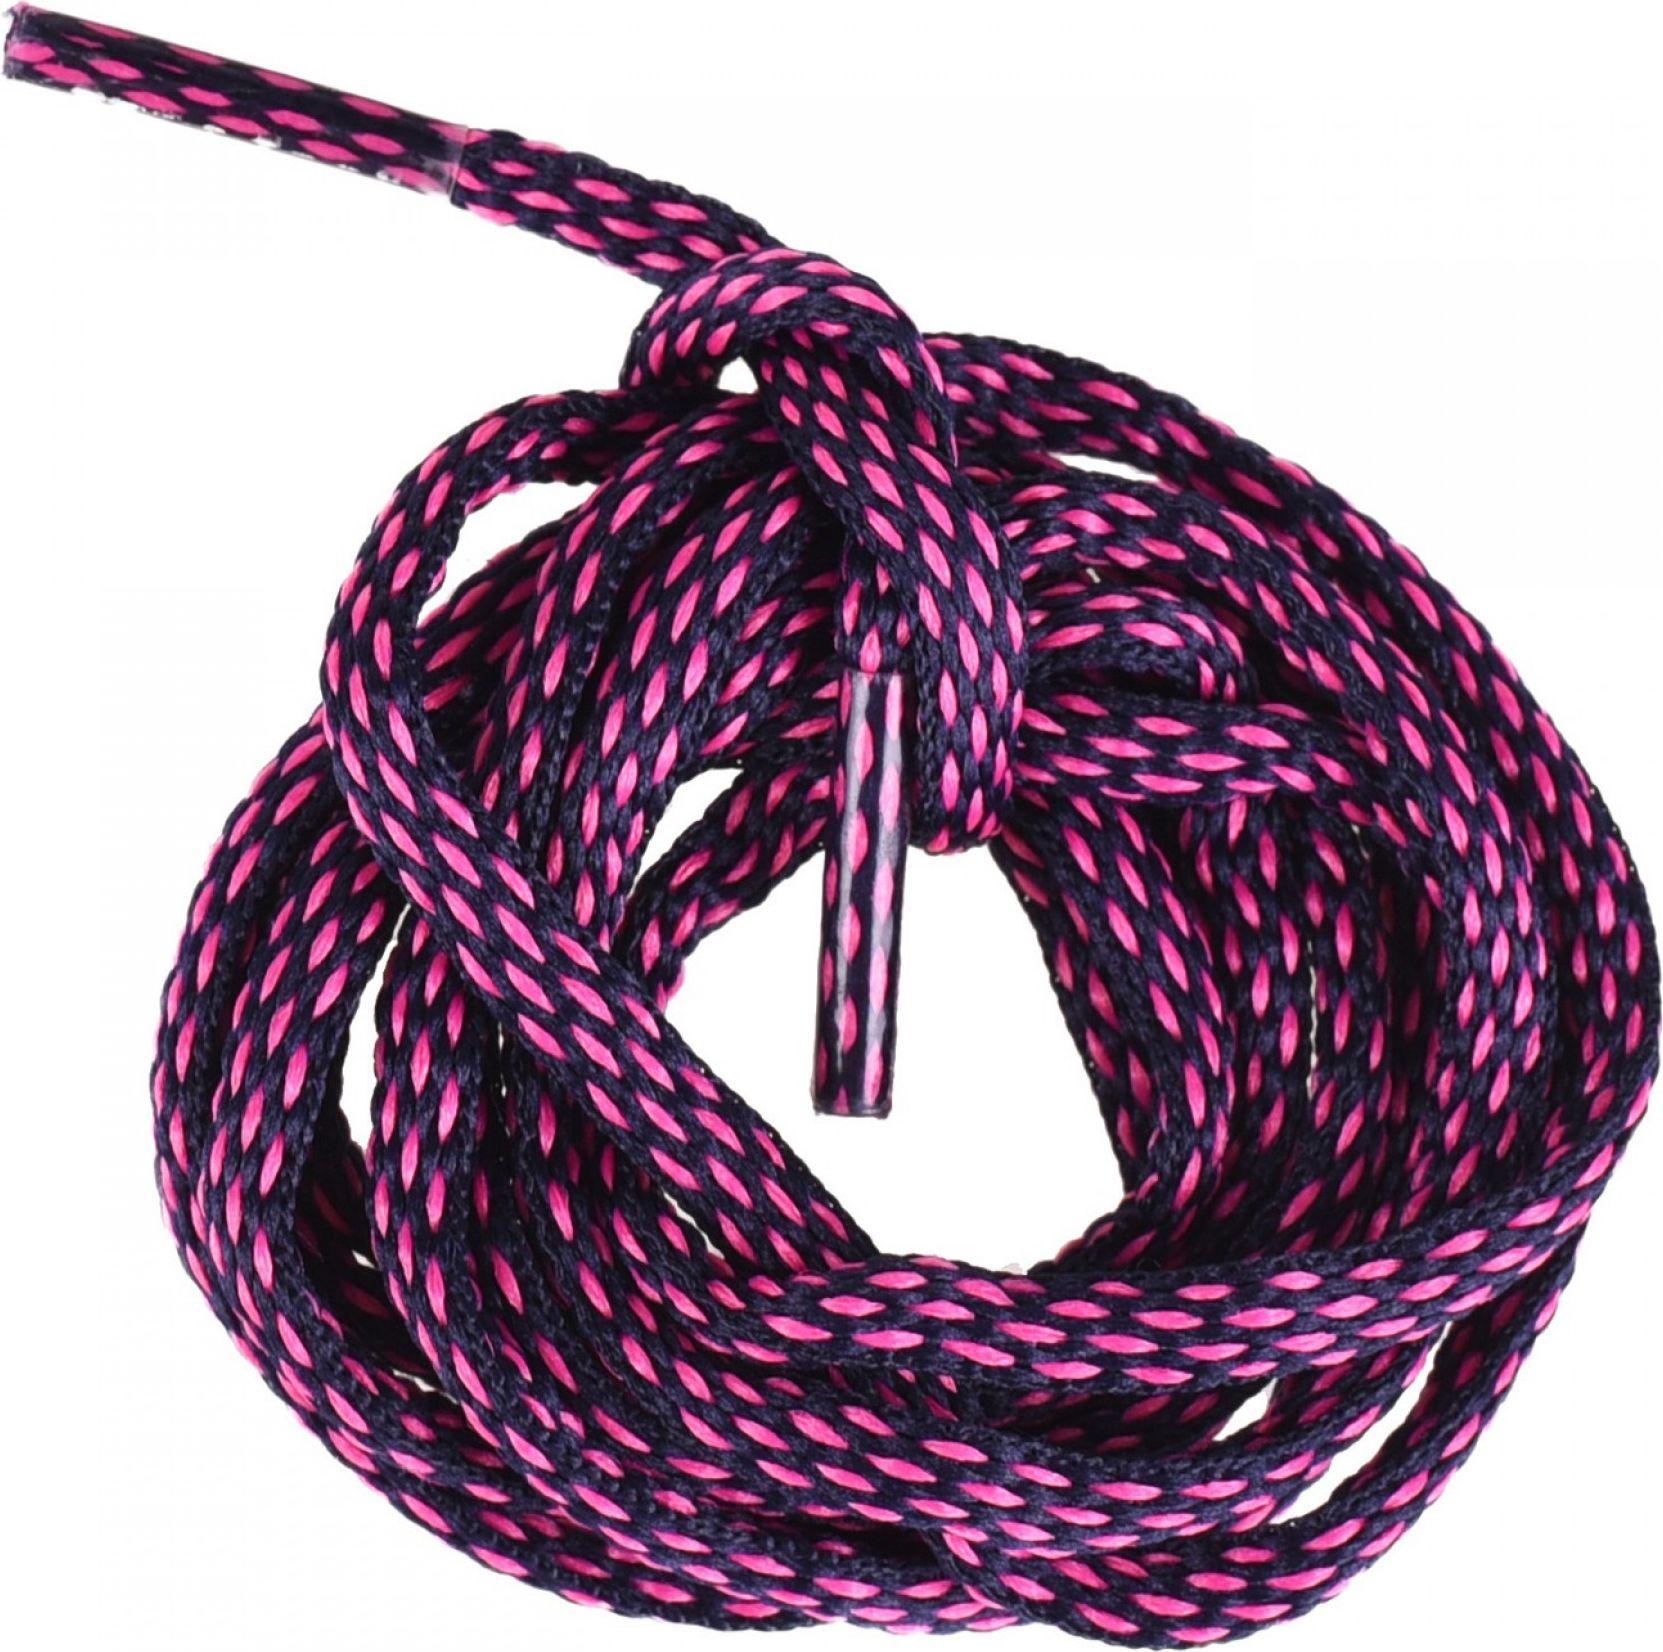 Elbrus Sznurowki Lace Discovery navy/pink 150 cm 5902786056019 Kopšanas līdzekļi apaviem